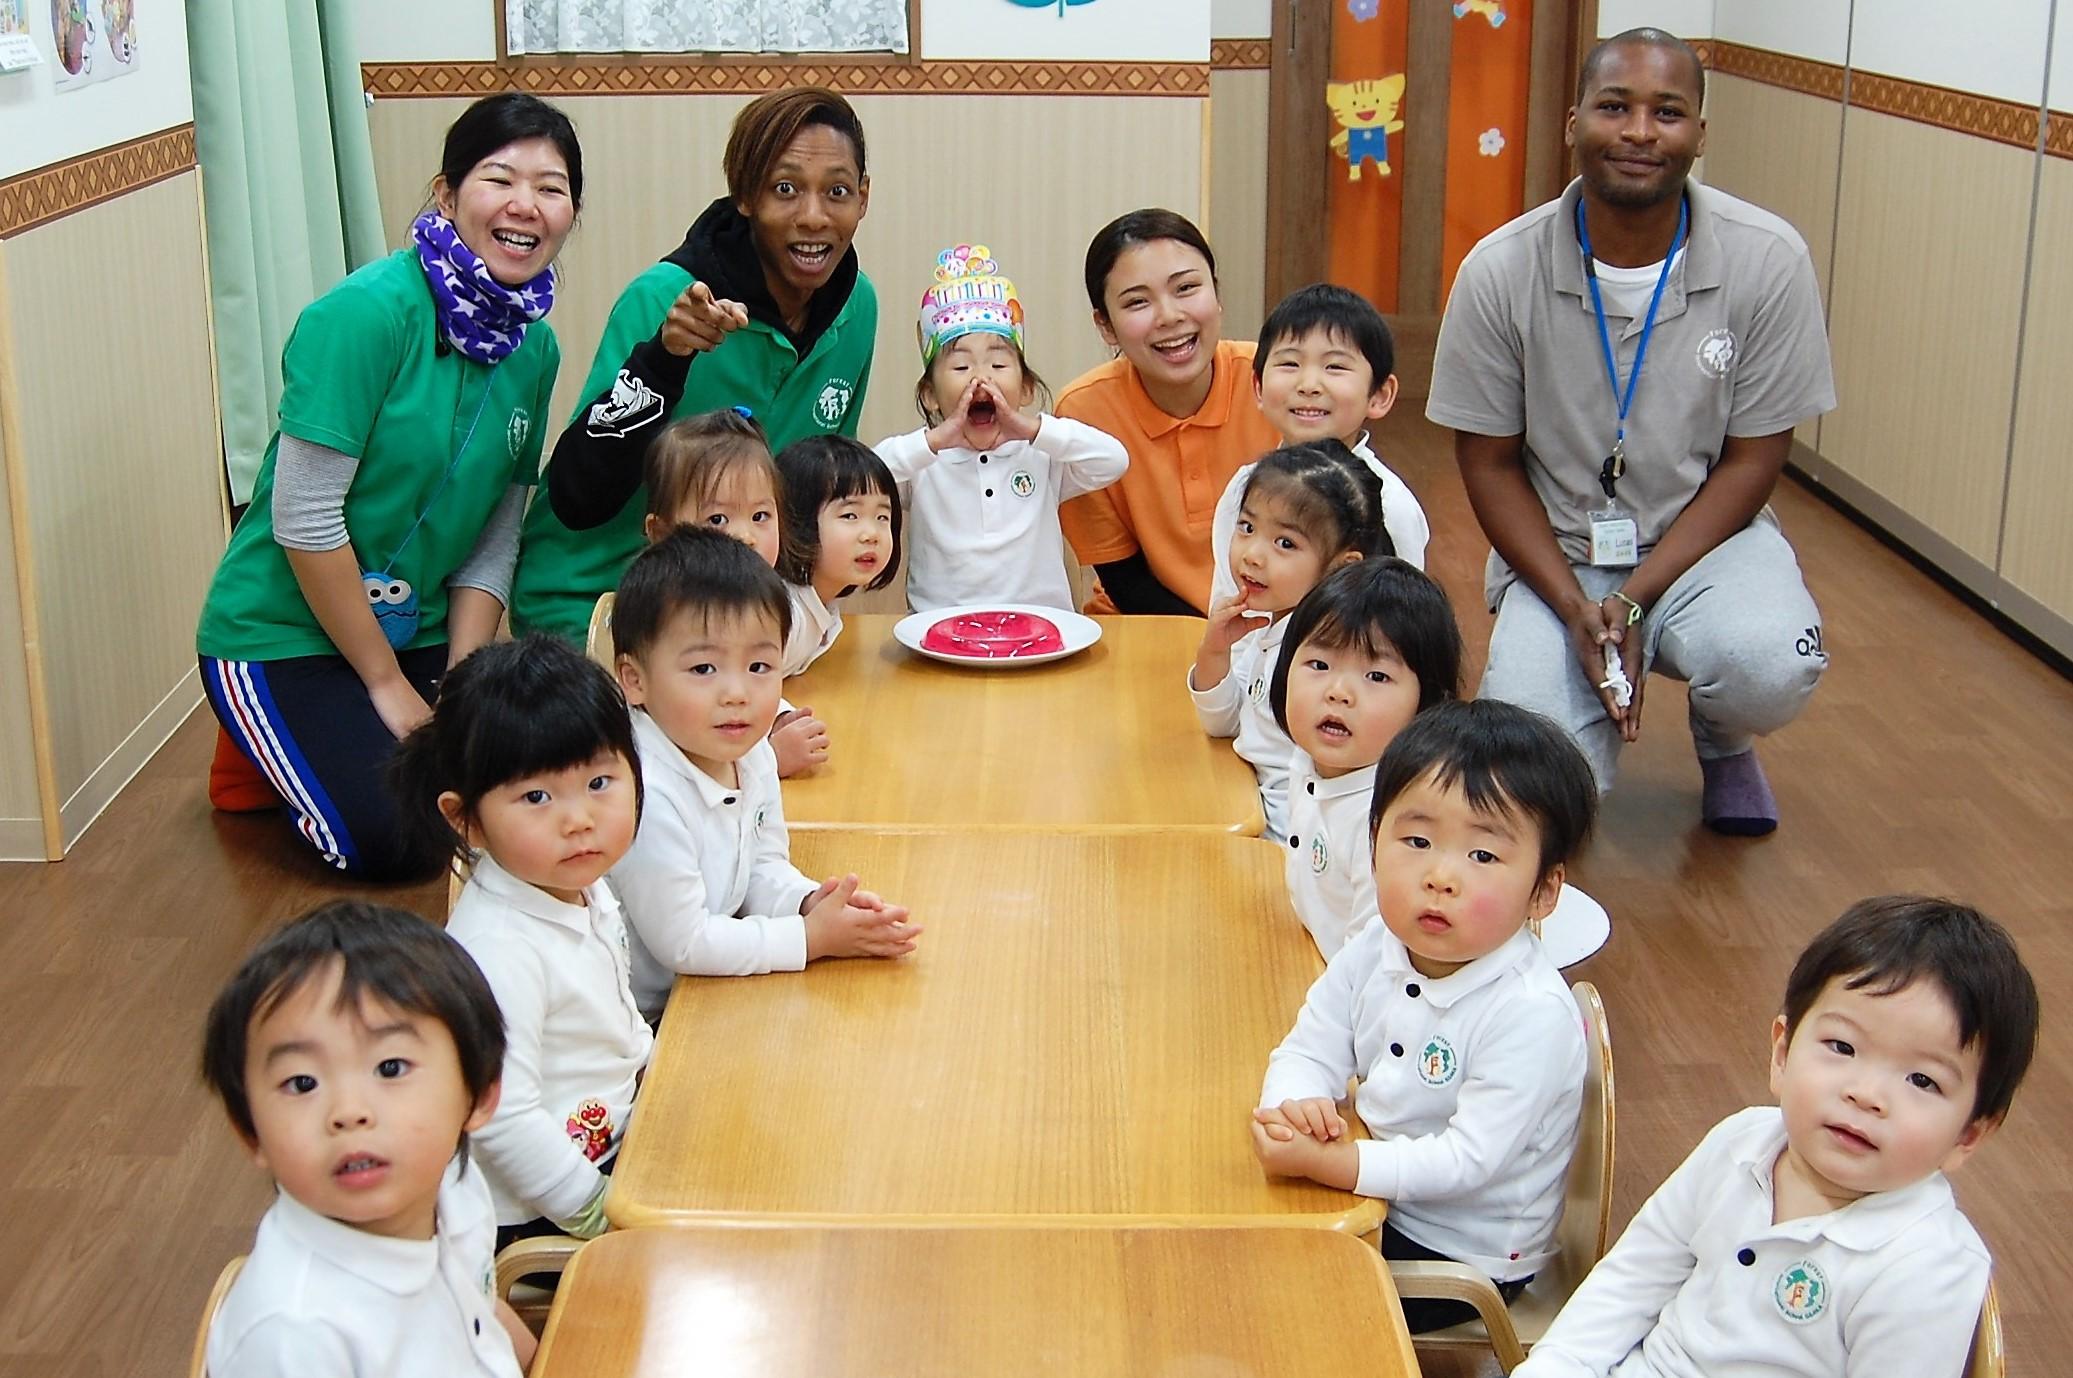 スタートして3年目 あべのハルカスをのぞむインターナショナルスクール フルタイム副担任募集!☆英語ネイティブと共に子どもを英語で育みます☆